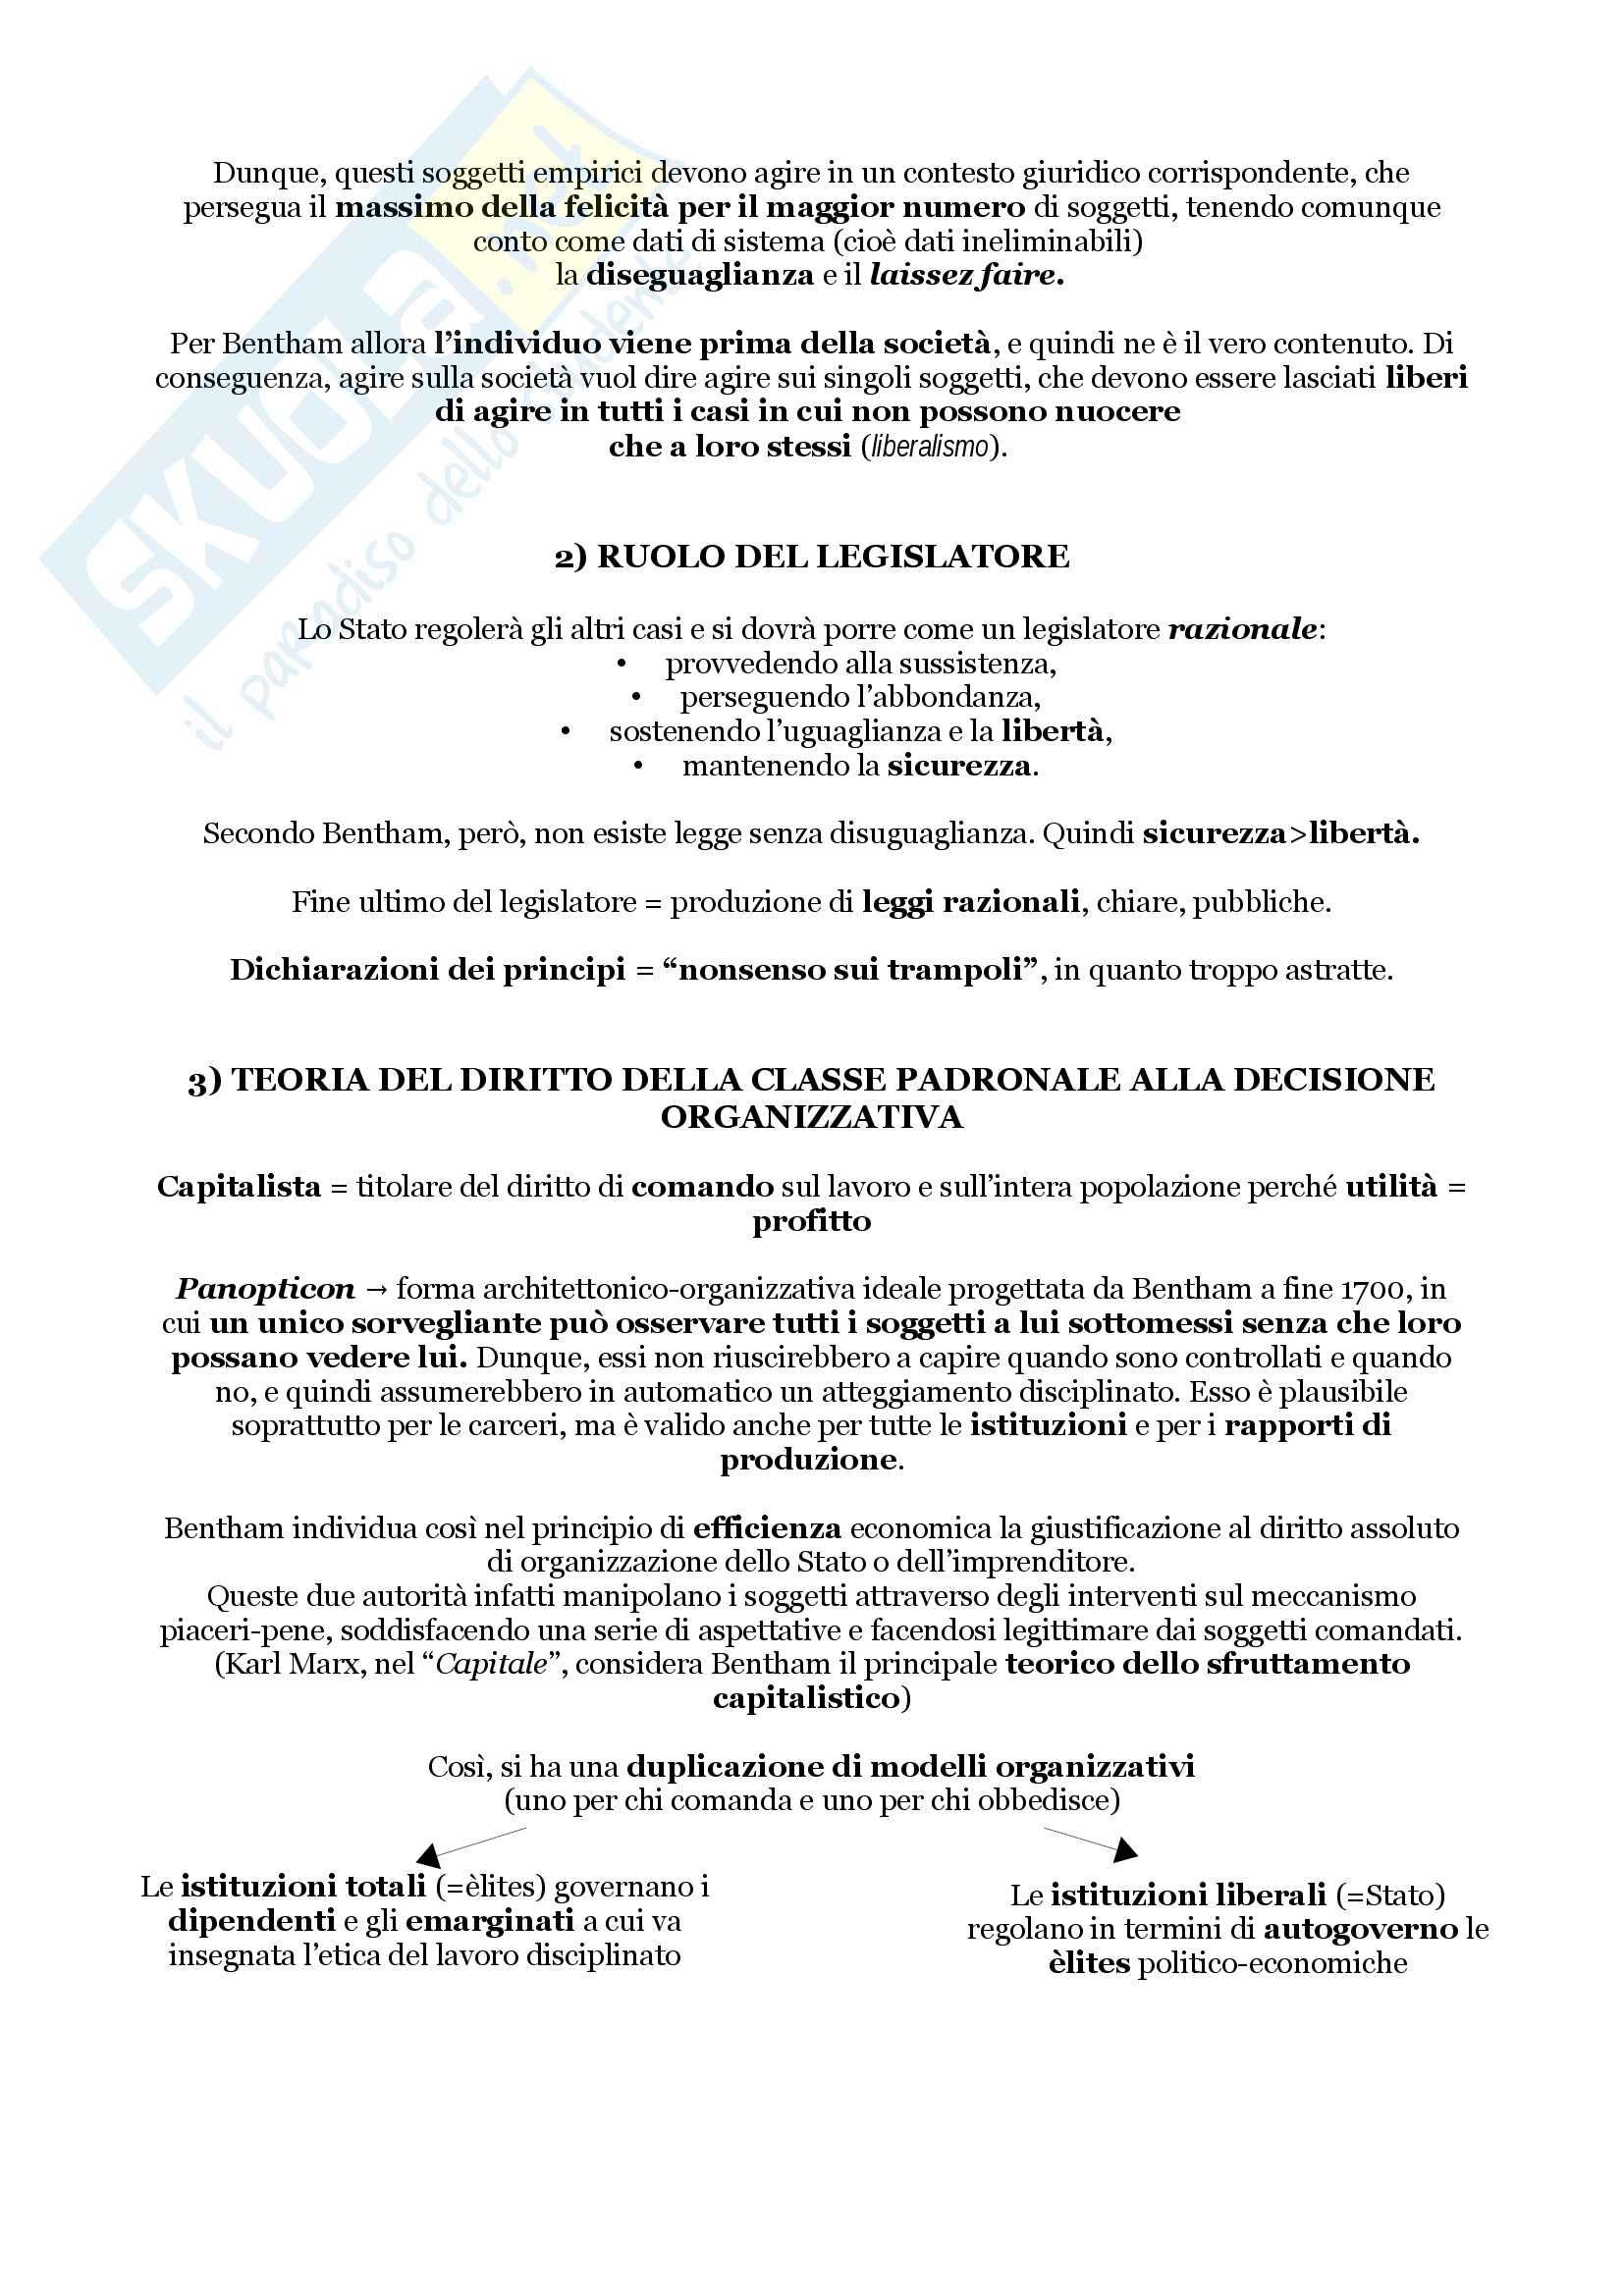 Riassunto 'esame di sociologia, prof. Di Meglio, libro consigliato Saperi Sociali, Ricerca Sociale, Lentini Pag. 2